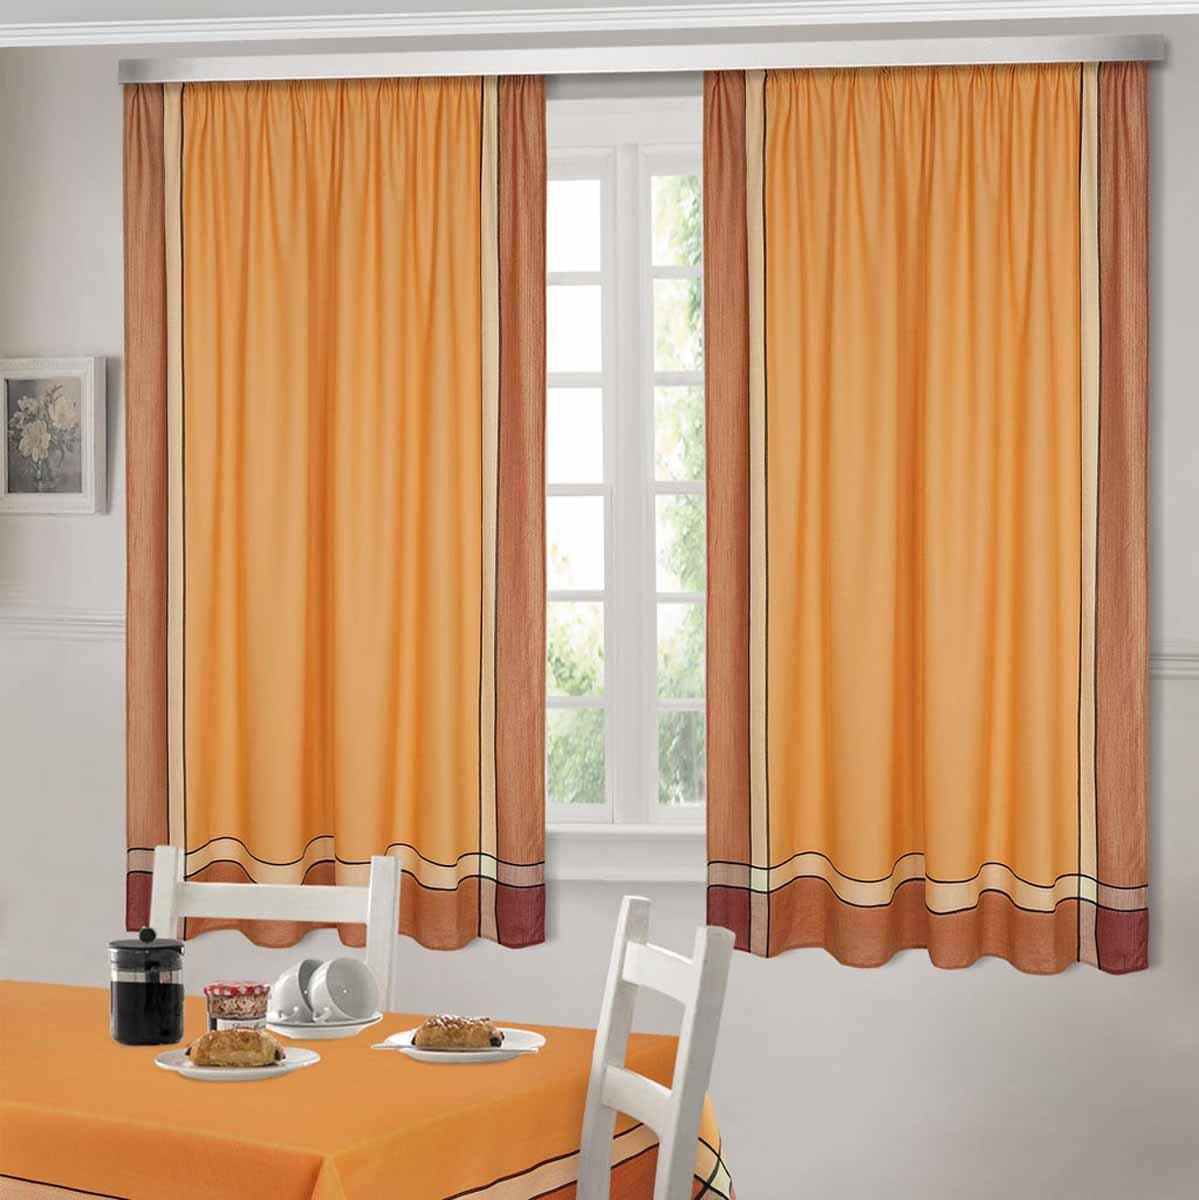 Комплект штор ТД Текстиль Шик, на ленте, цвет: оранжевый, высота 180 смDW90Комплект штор Шик изготовлен из полиэстера под лен. Шторы крепятся на карниз при помощи ленты, которая поможет красиво и равномерно задрапировать верх.